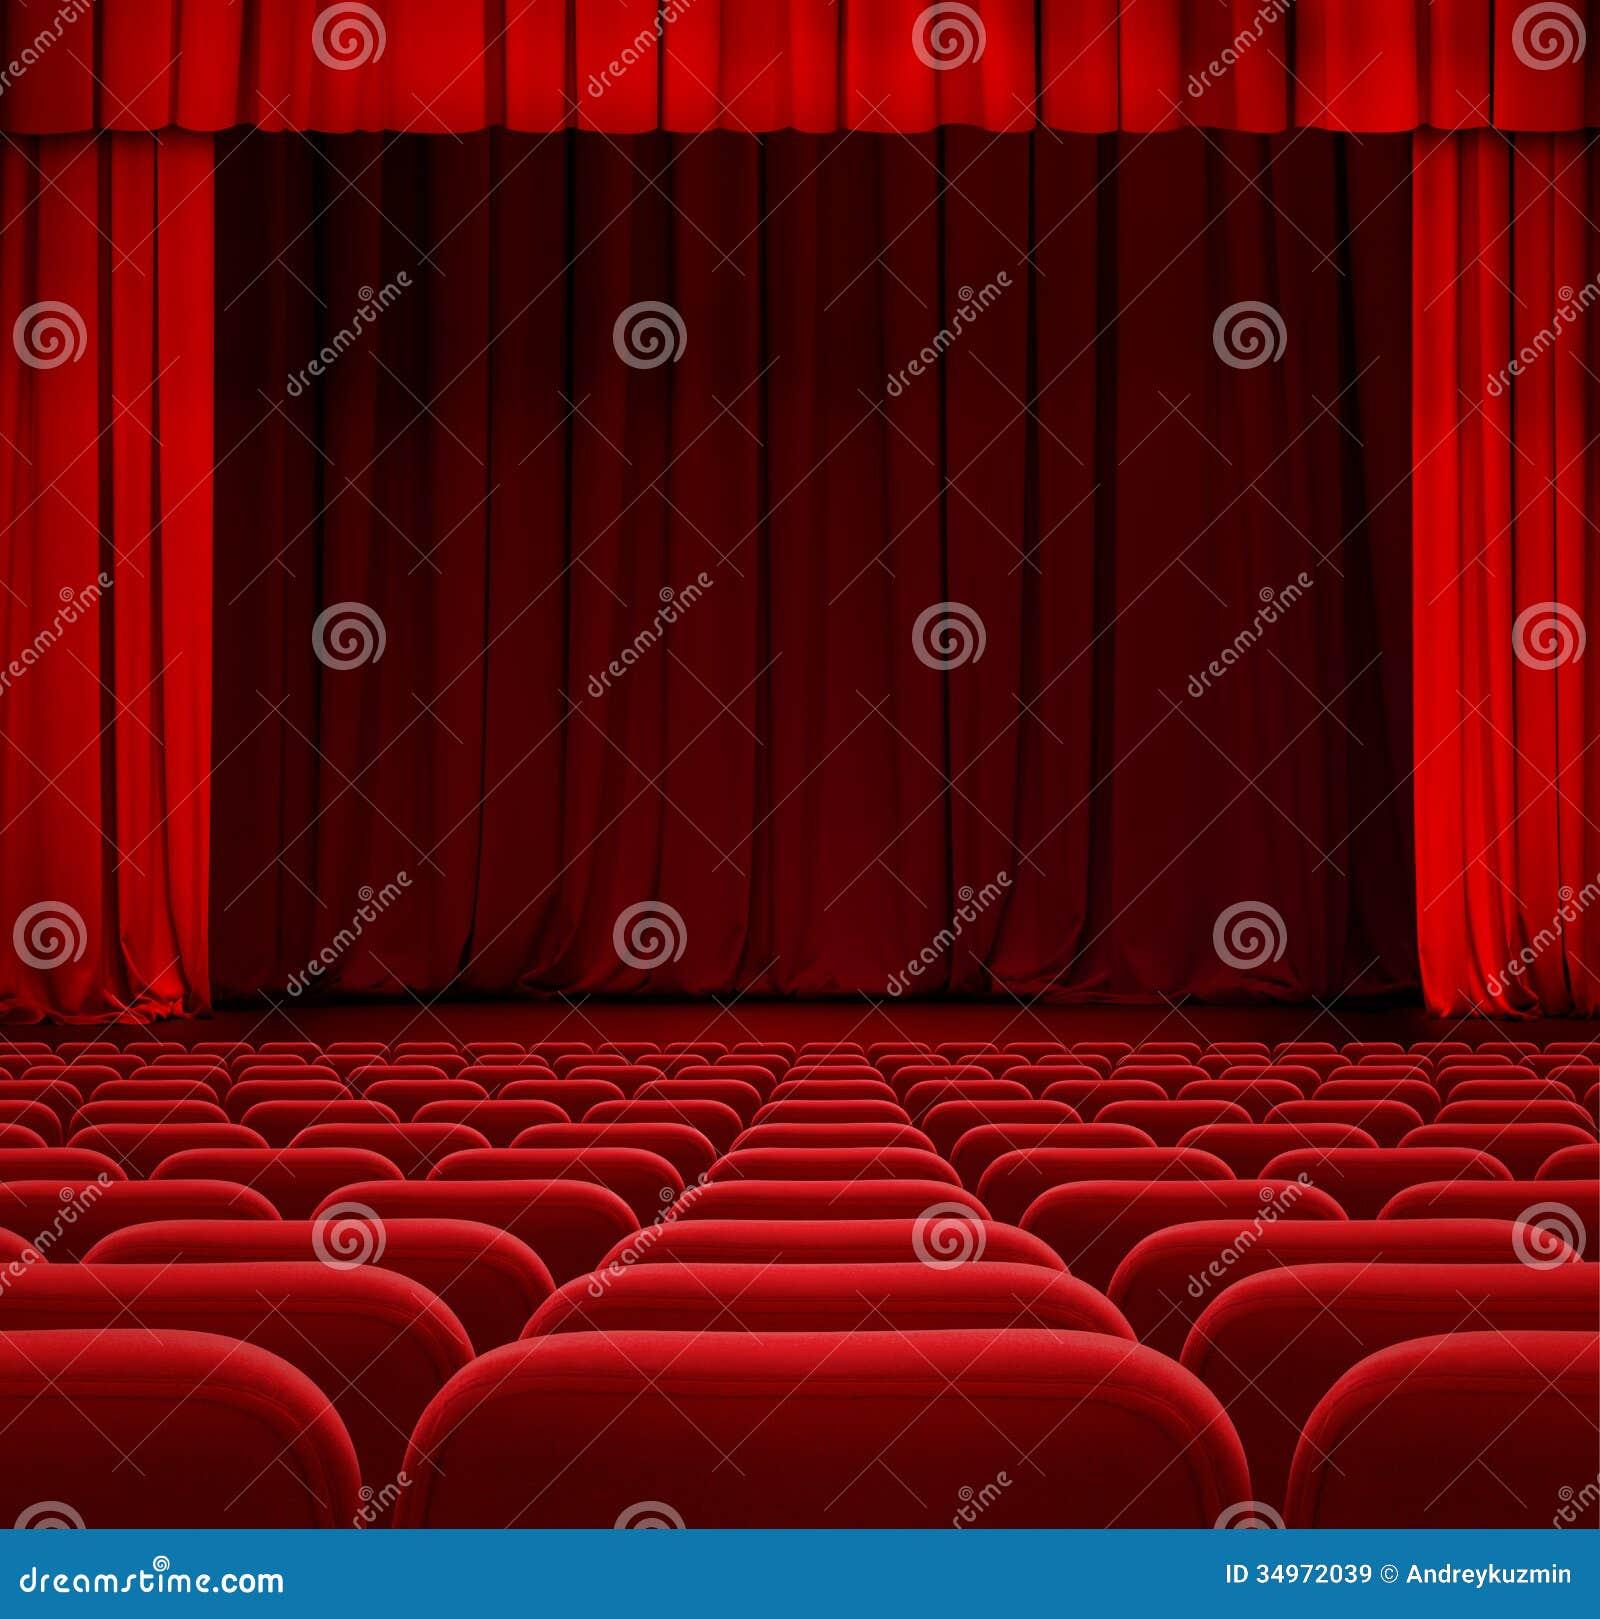 Rood theater of bioskoopgordijn of gordijn